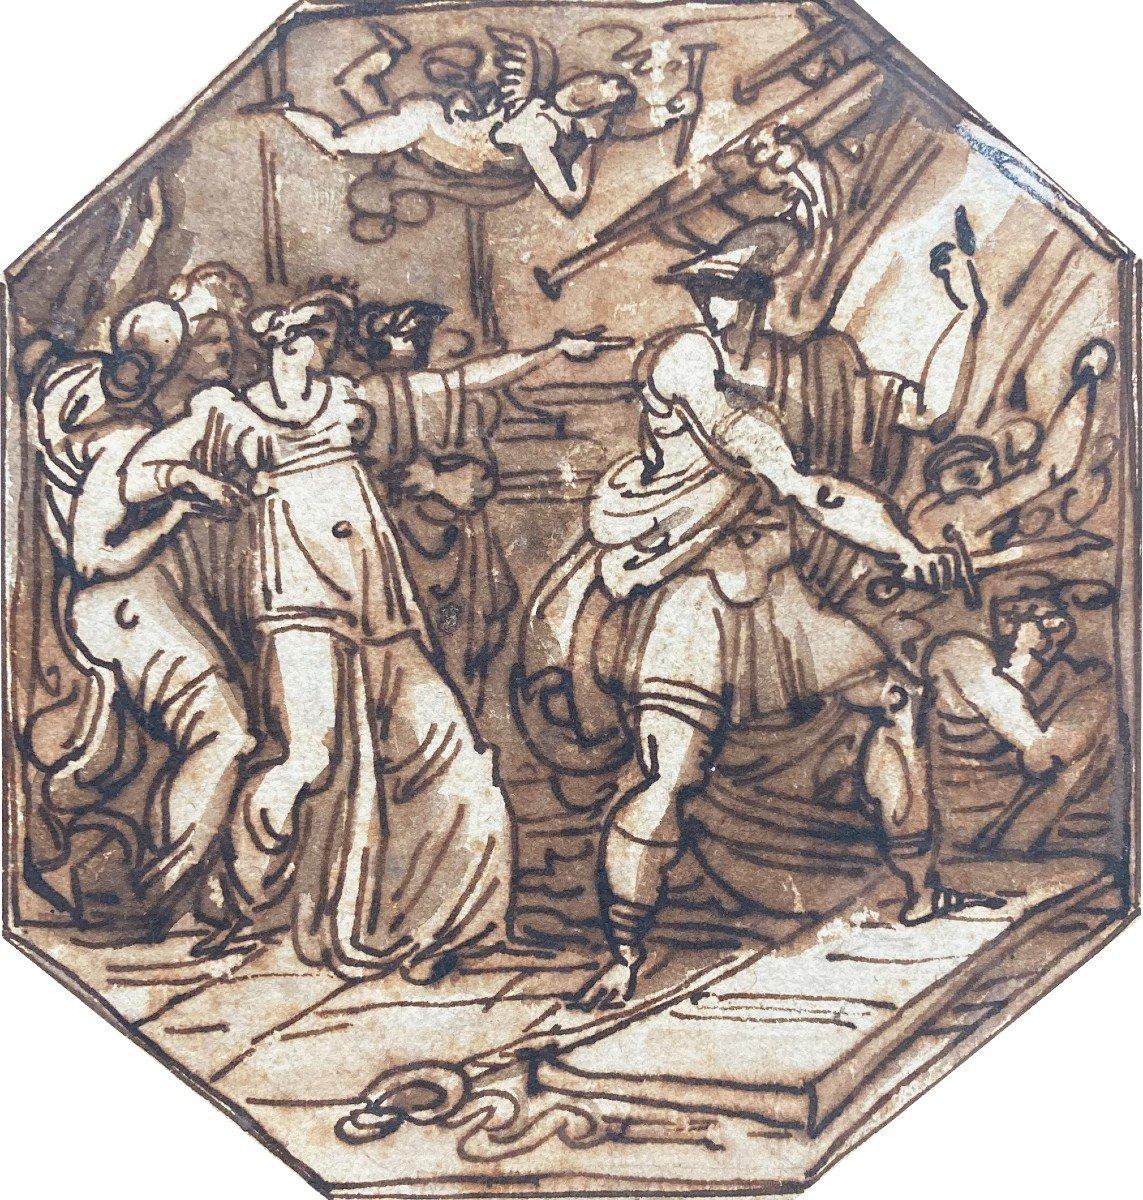 """GIANI Felice (1758-1823) Attribuè à """"Sujet mythologique"""" Dessin/Plume et lavis brun"""